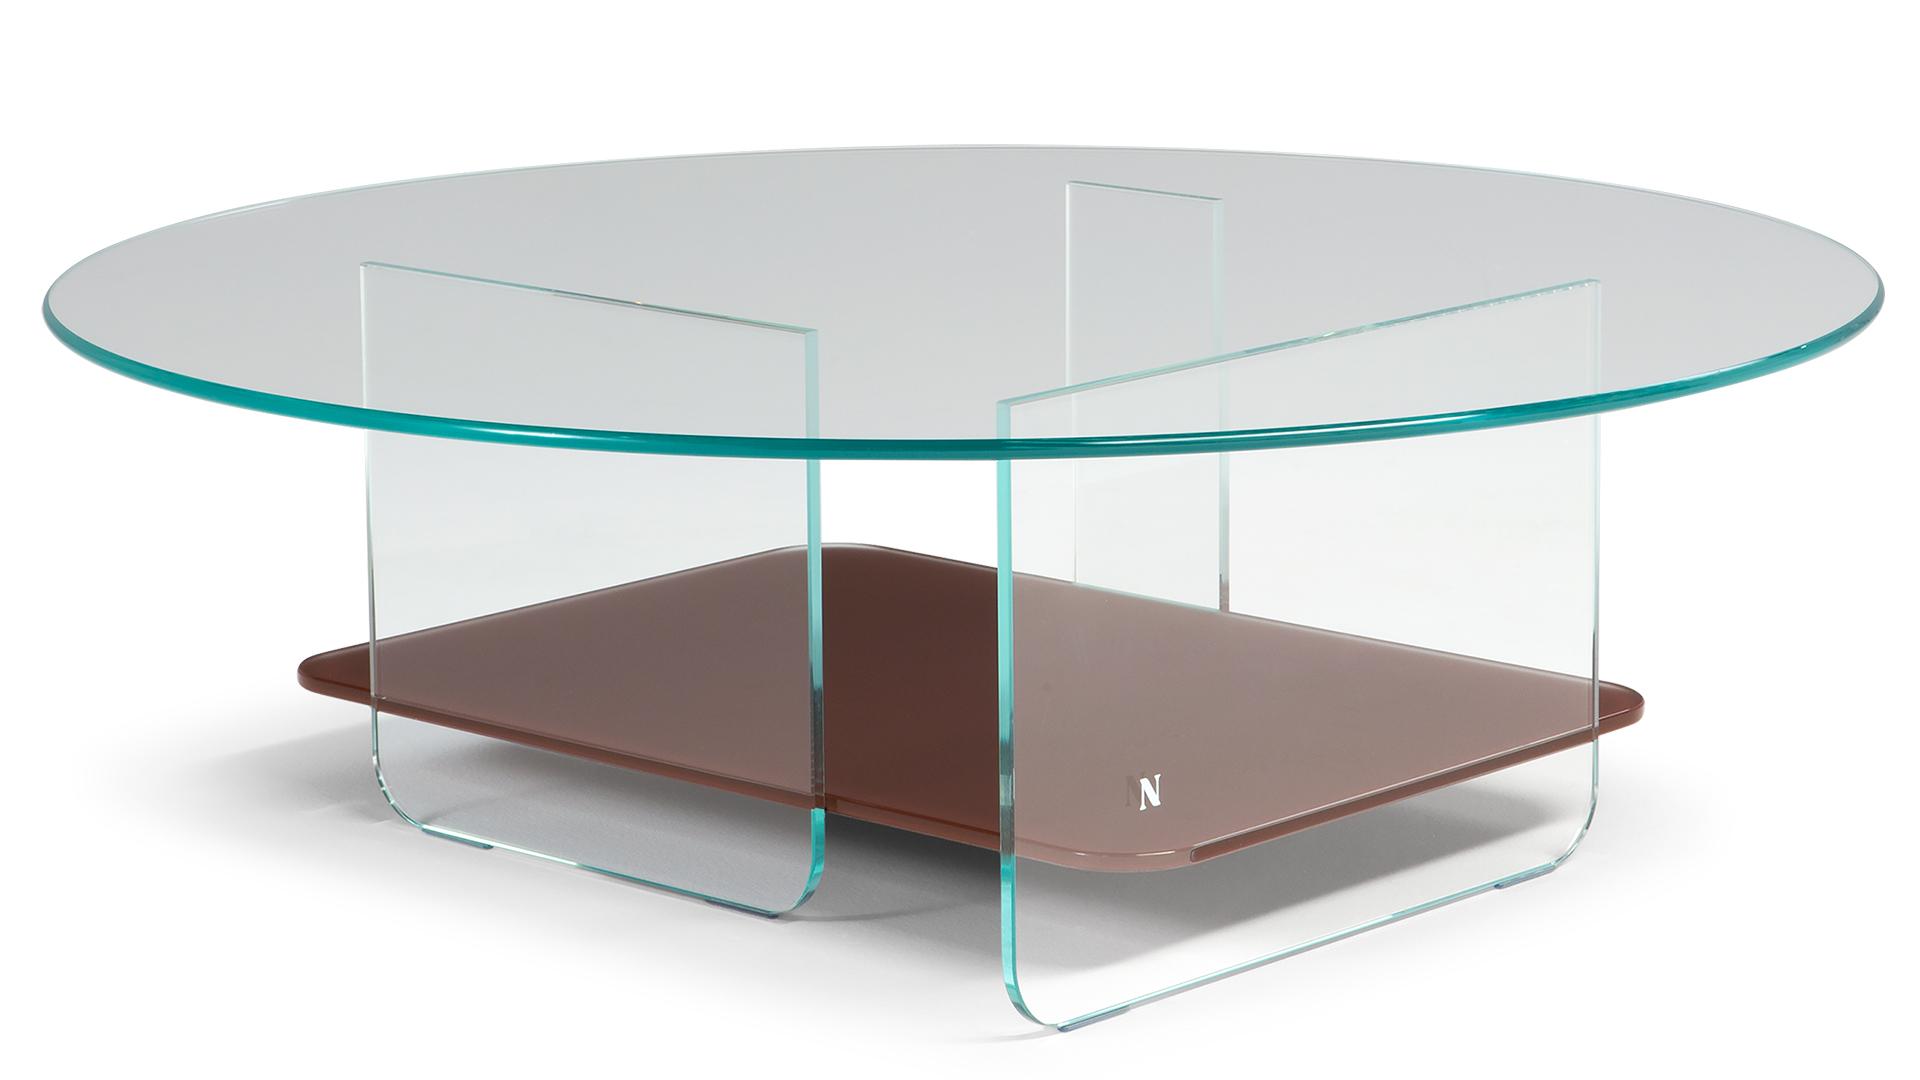 A mesa auxiliar com estrutura de metal e tampo de vidro é ideal para combinar com o sofá, como um apoio útil para a área de estar.